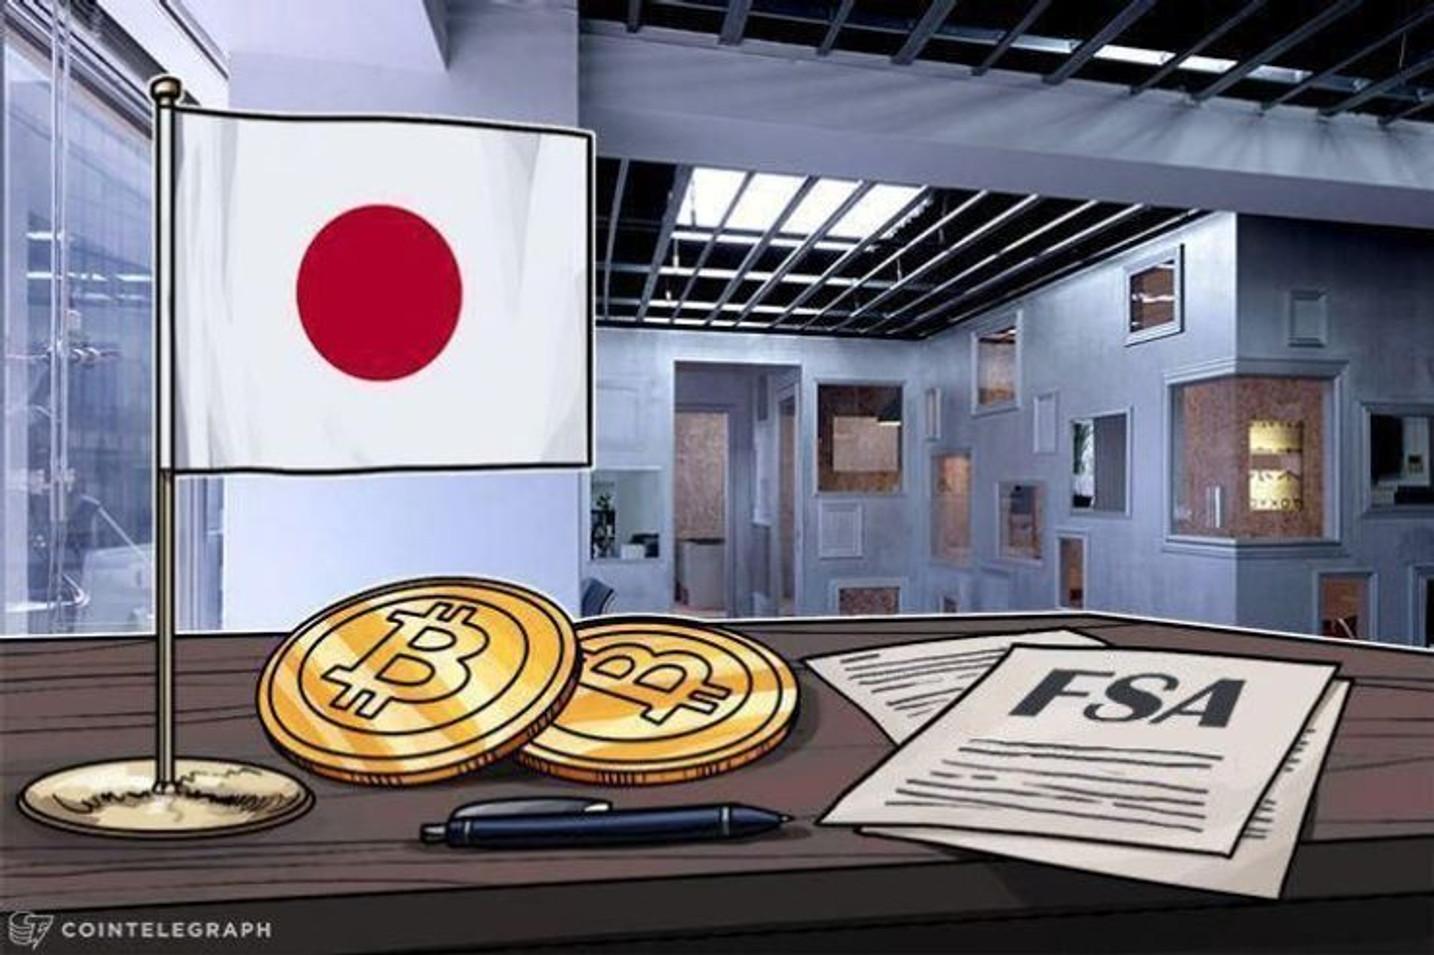 リーマンショック時の金融長官は仮想通貨をどう見る?日経新聞の取材でコメント